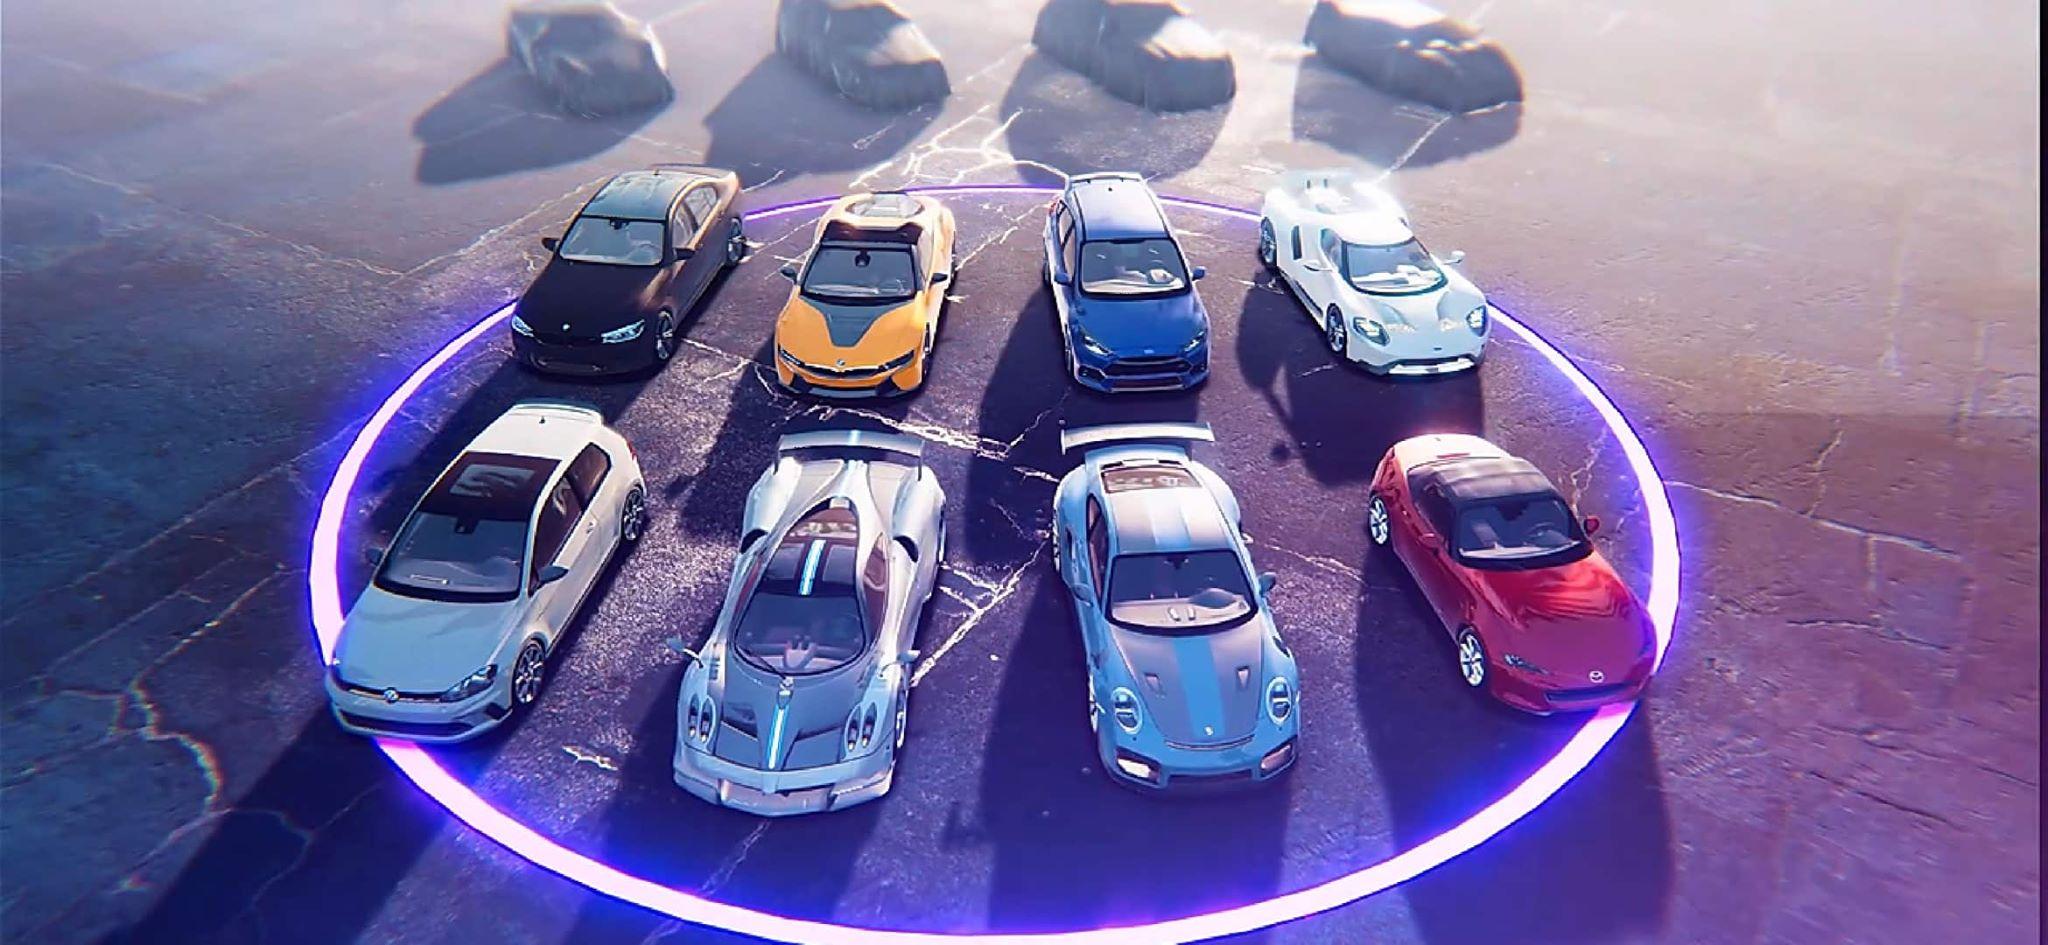 NFSHSdrop4_cars.jpg